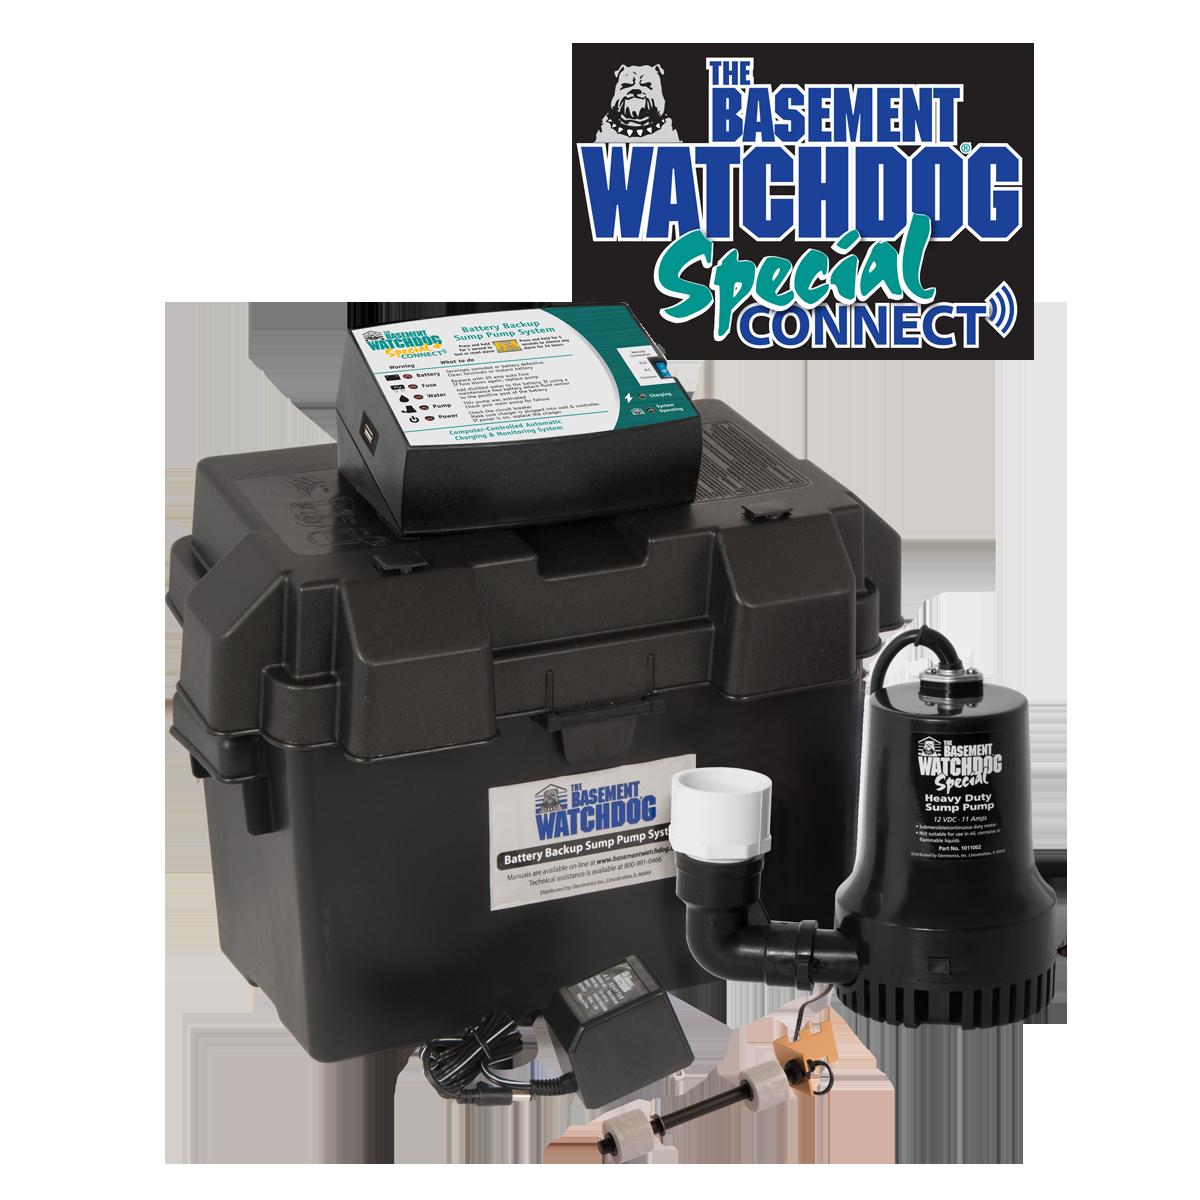 pump manuals and maintenance basement watchdog rh basementwatchdog com basement watchdog emergency manual basement watchdog 30hdc140s manual